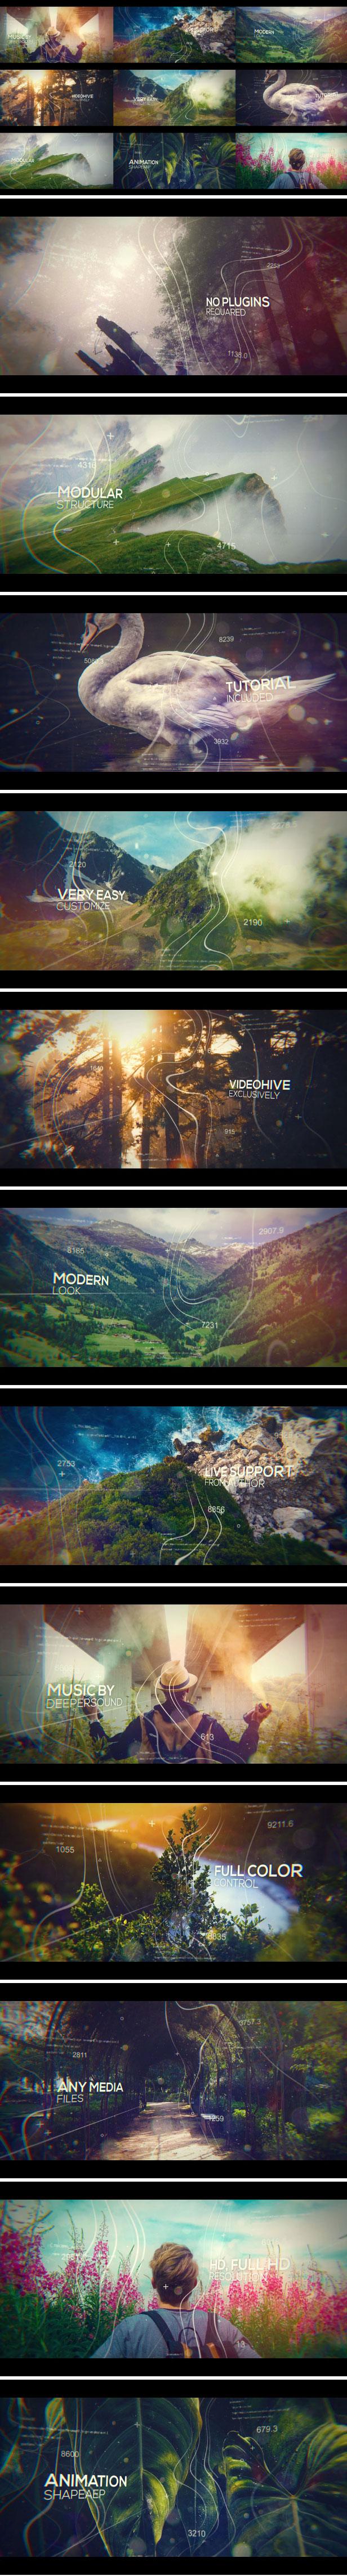 超好用的景区风景视频展示AE模版工程文件下载[AEP]